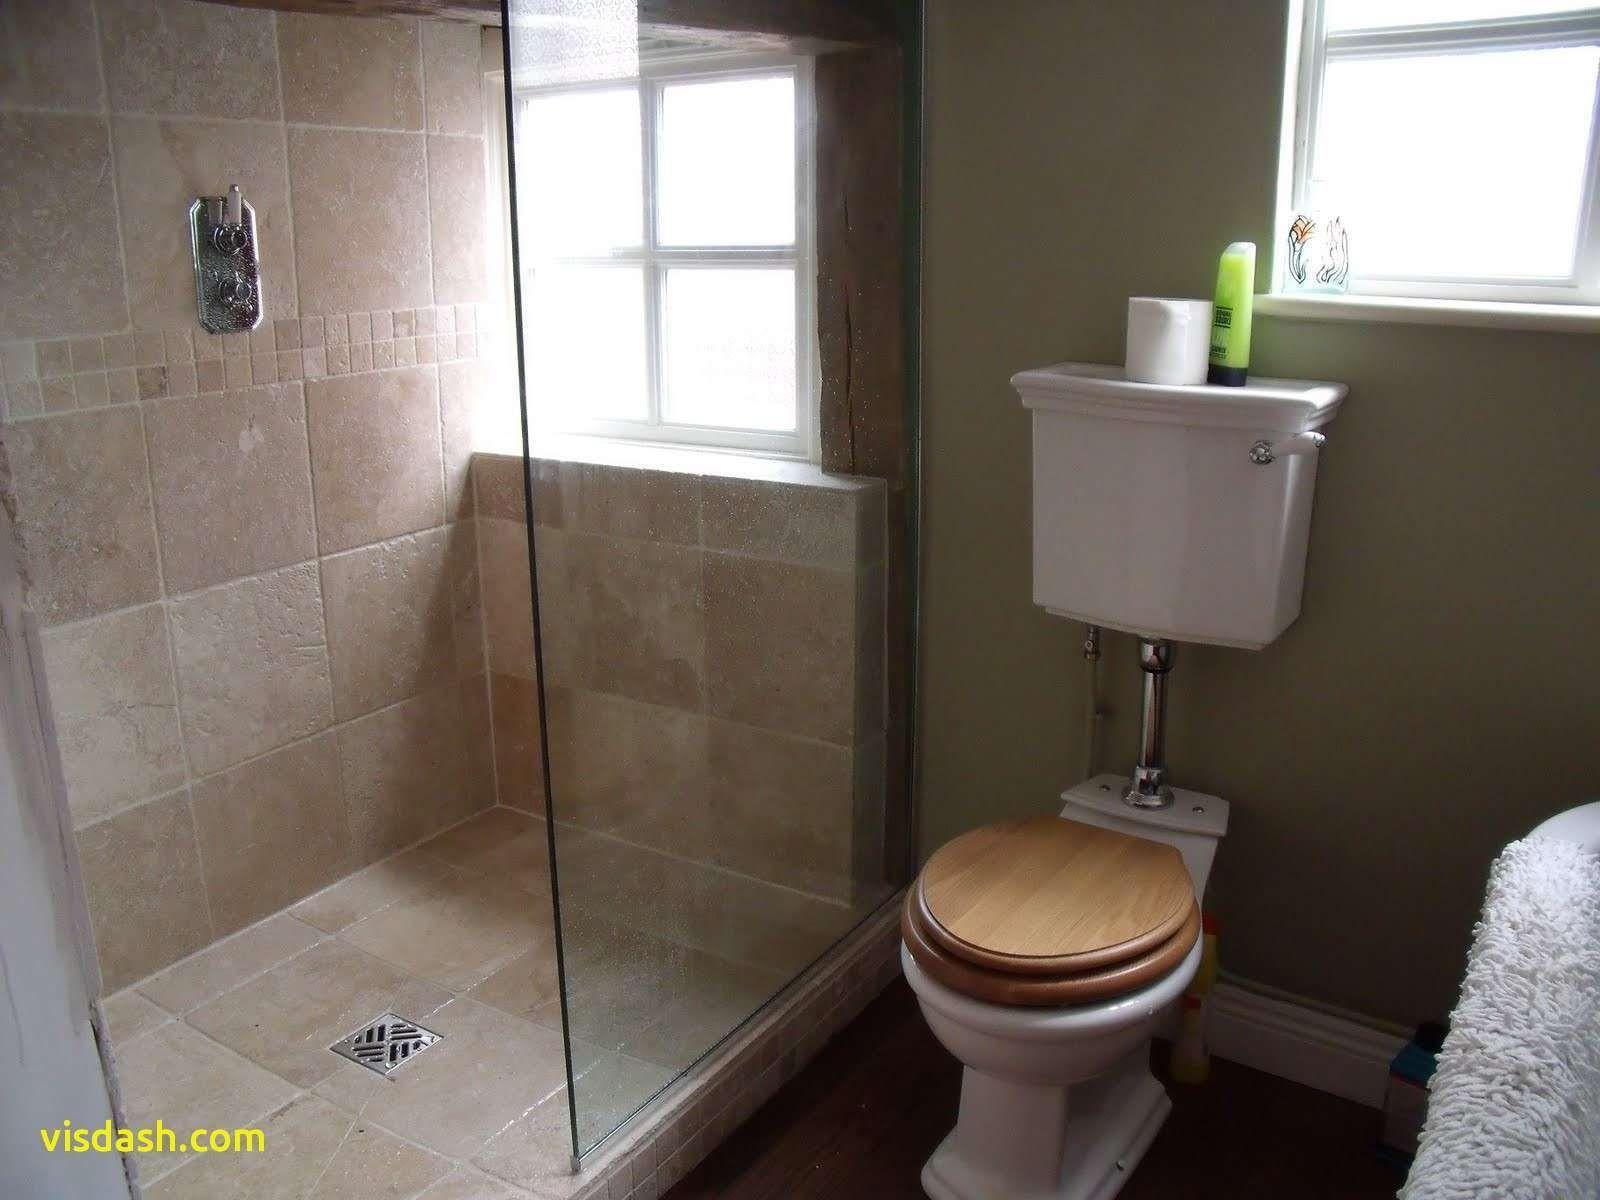 Bathroom Design 3m X 2 5m Bathroomdesign2mx2 5m Small Bathroom With Shower Simple Bathroom Simple Bathroom Remodel